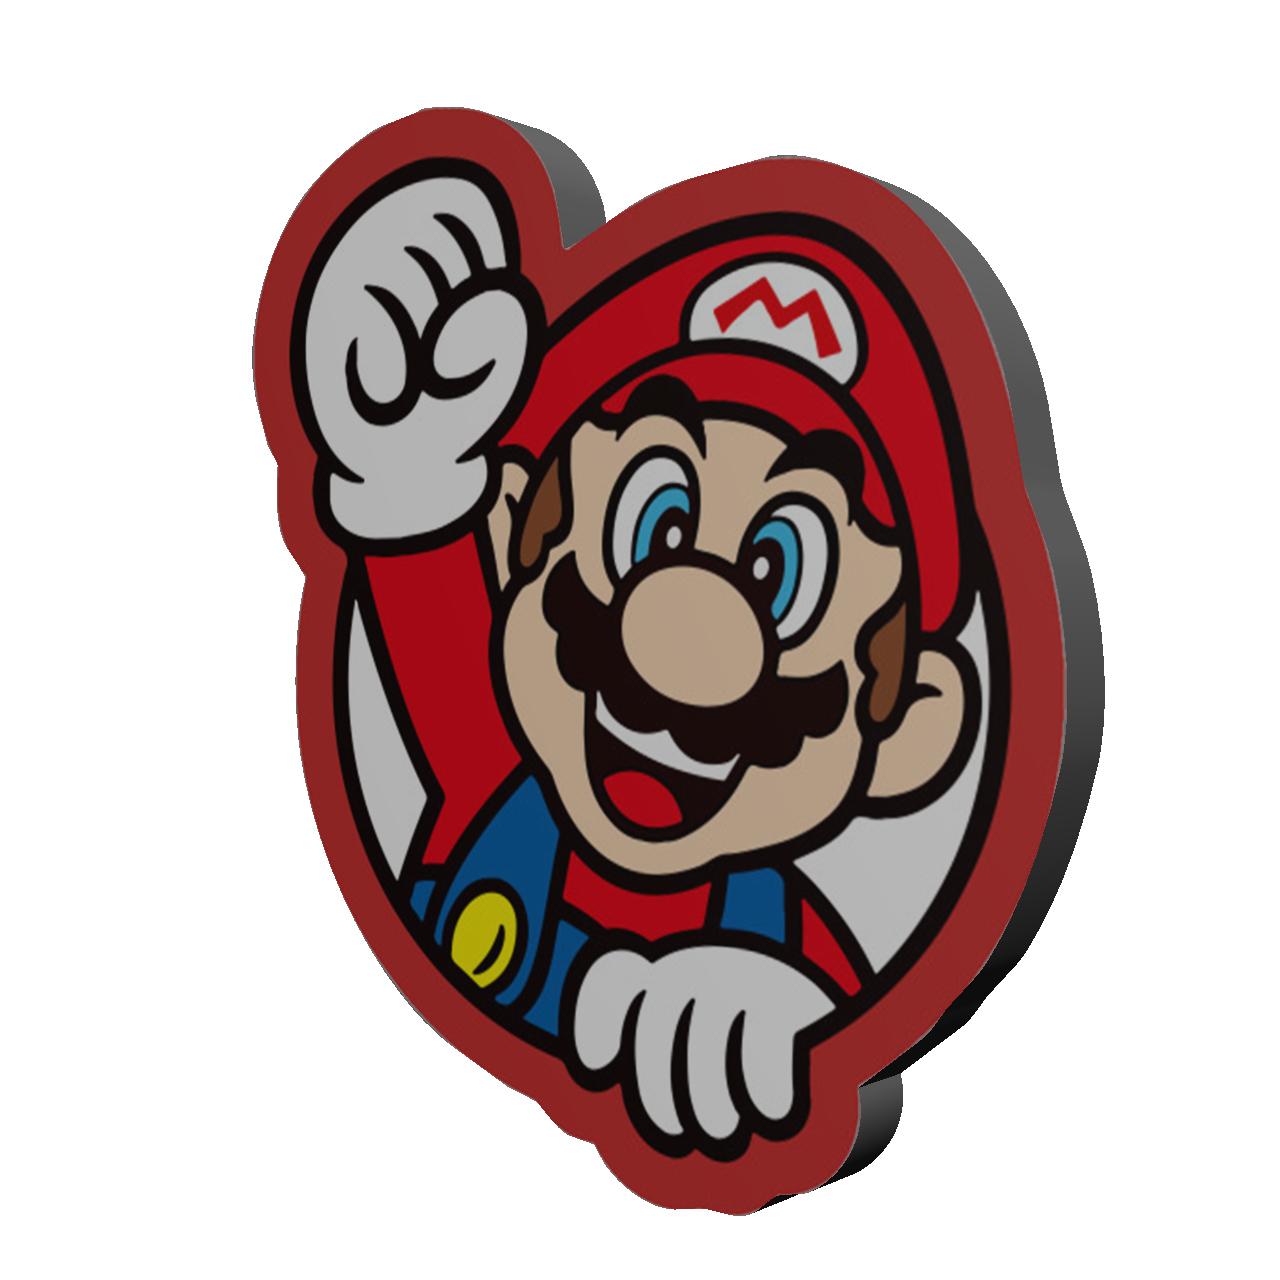 استیکر کنسول بازی مدل سوپر ماریو کد 597